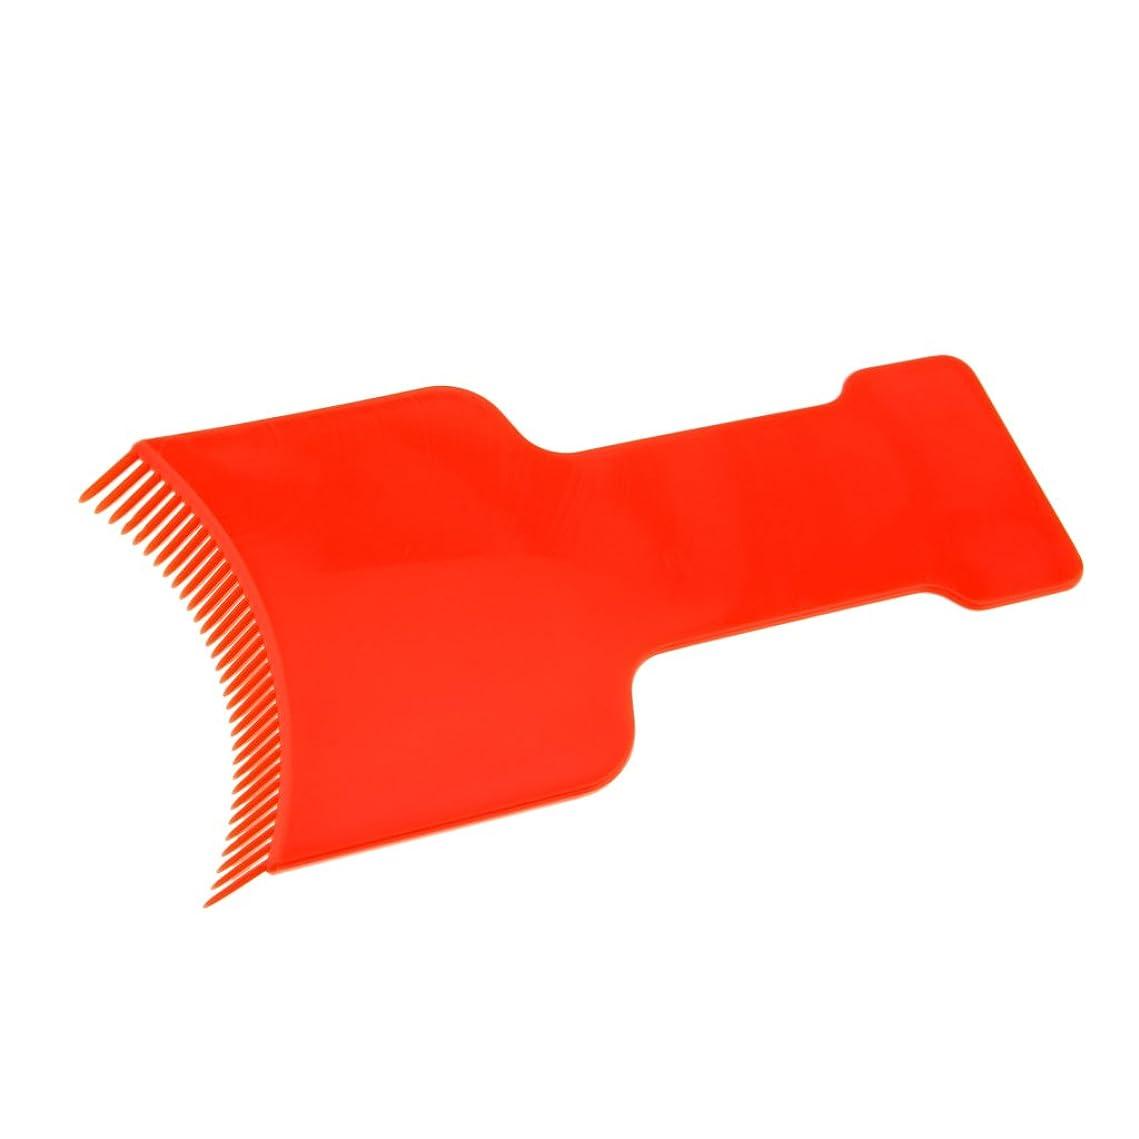 誘惑する反対するインクDYNWAVE 染色ボード 染色櫛 プレート ヘアダイコーム ヘアダイブラシ ヘアカラーリング用品